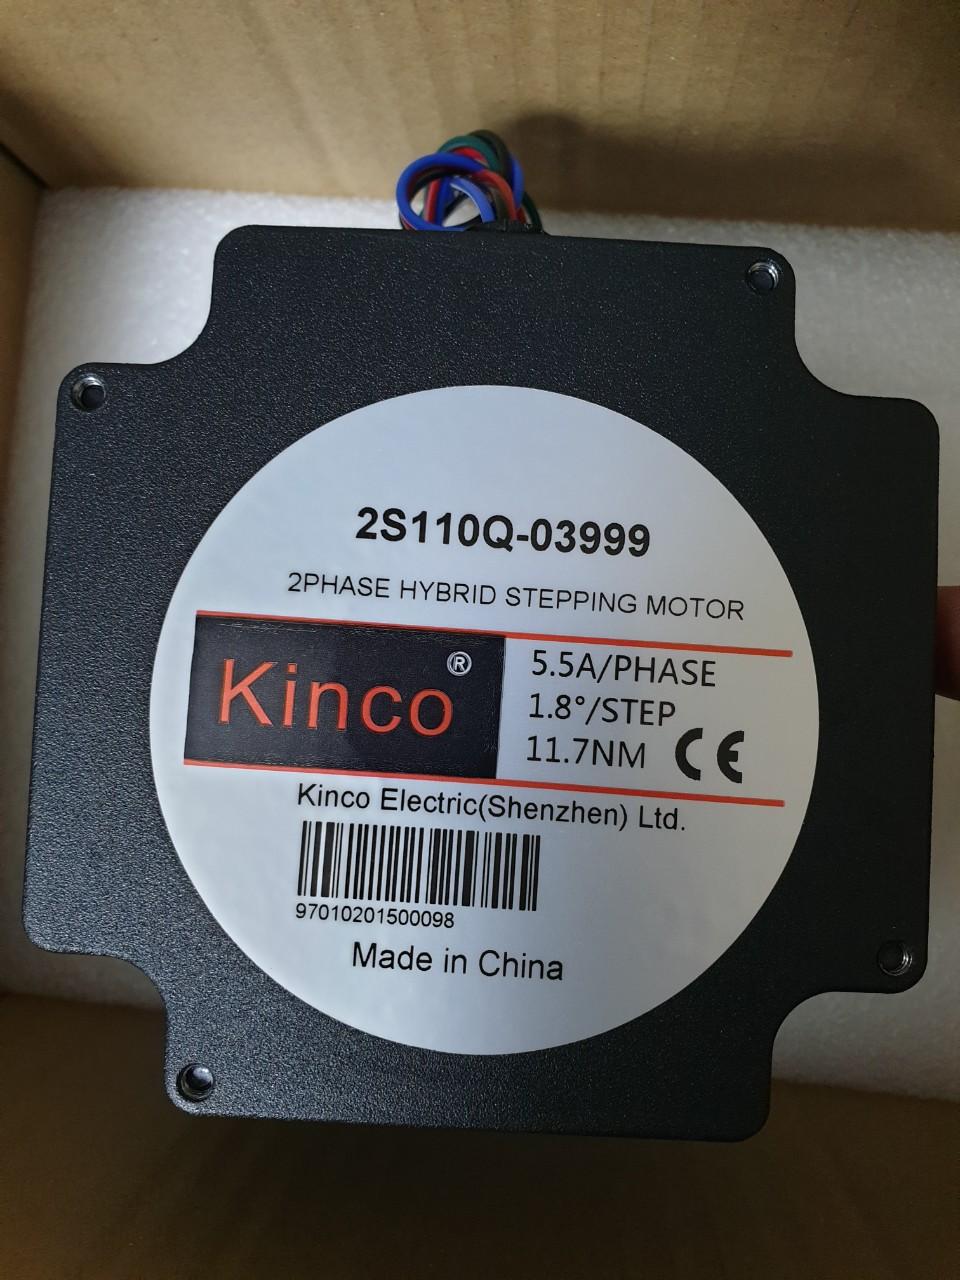 MOTOR KINCO 2S110Q-03999